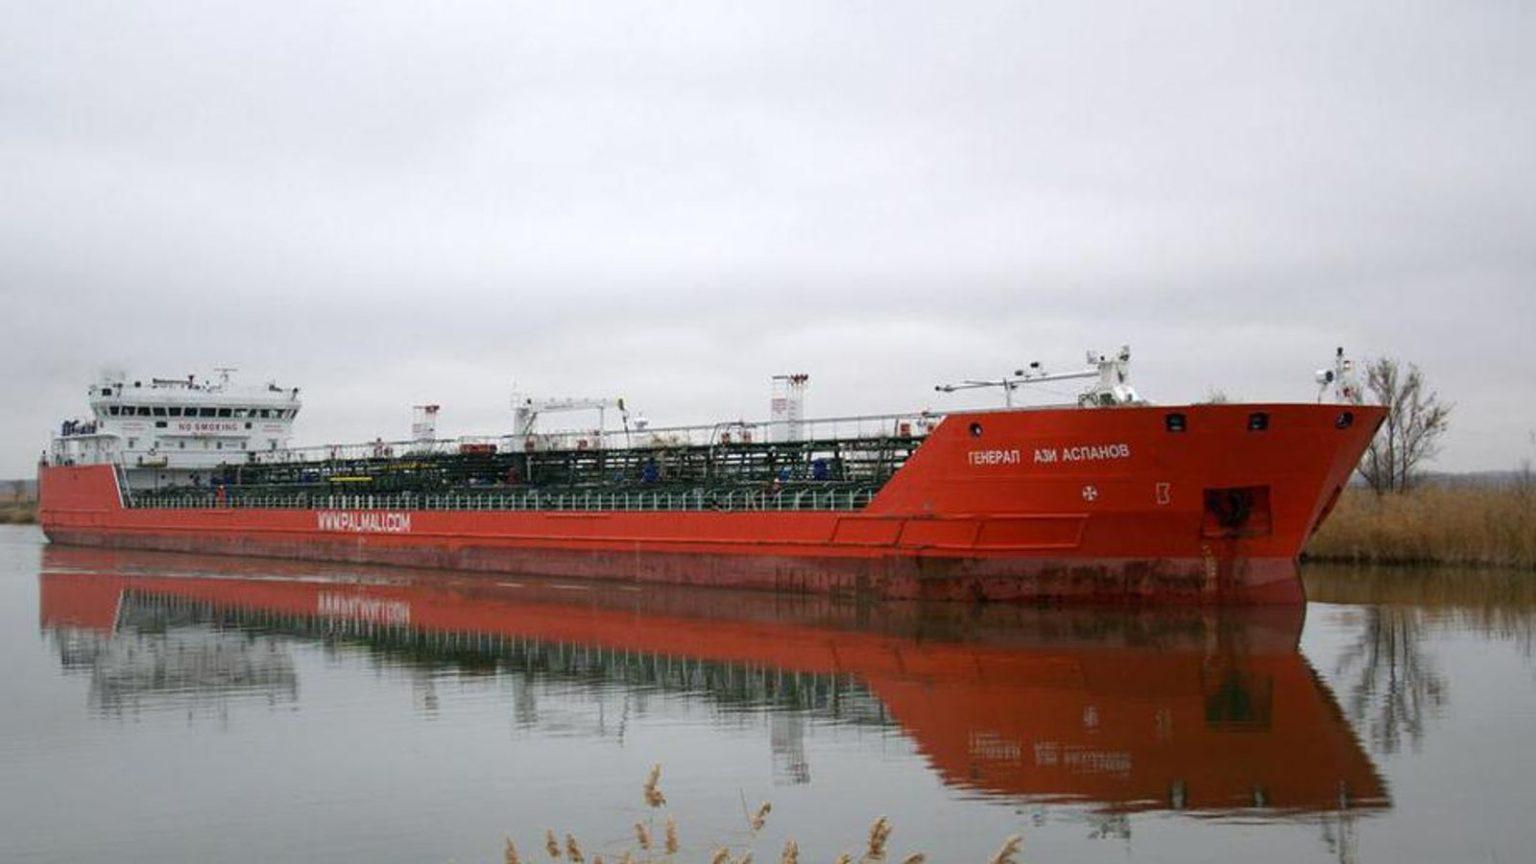 Найдены останки пропавших членов экипажа танкера «Генерал Ази Асланов»